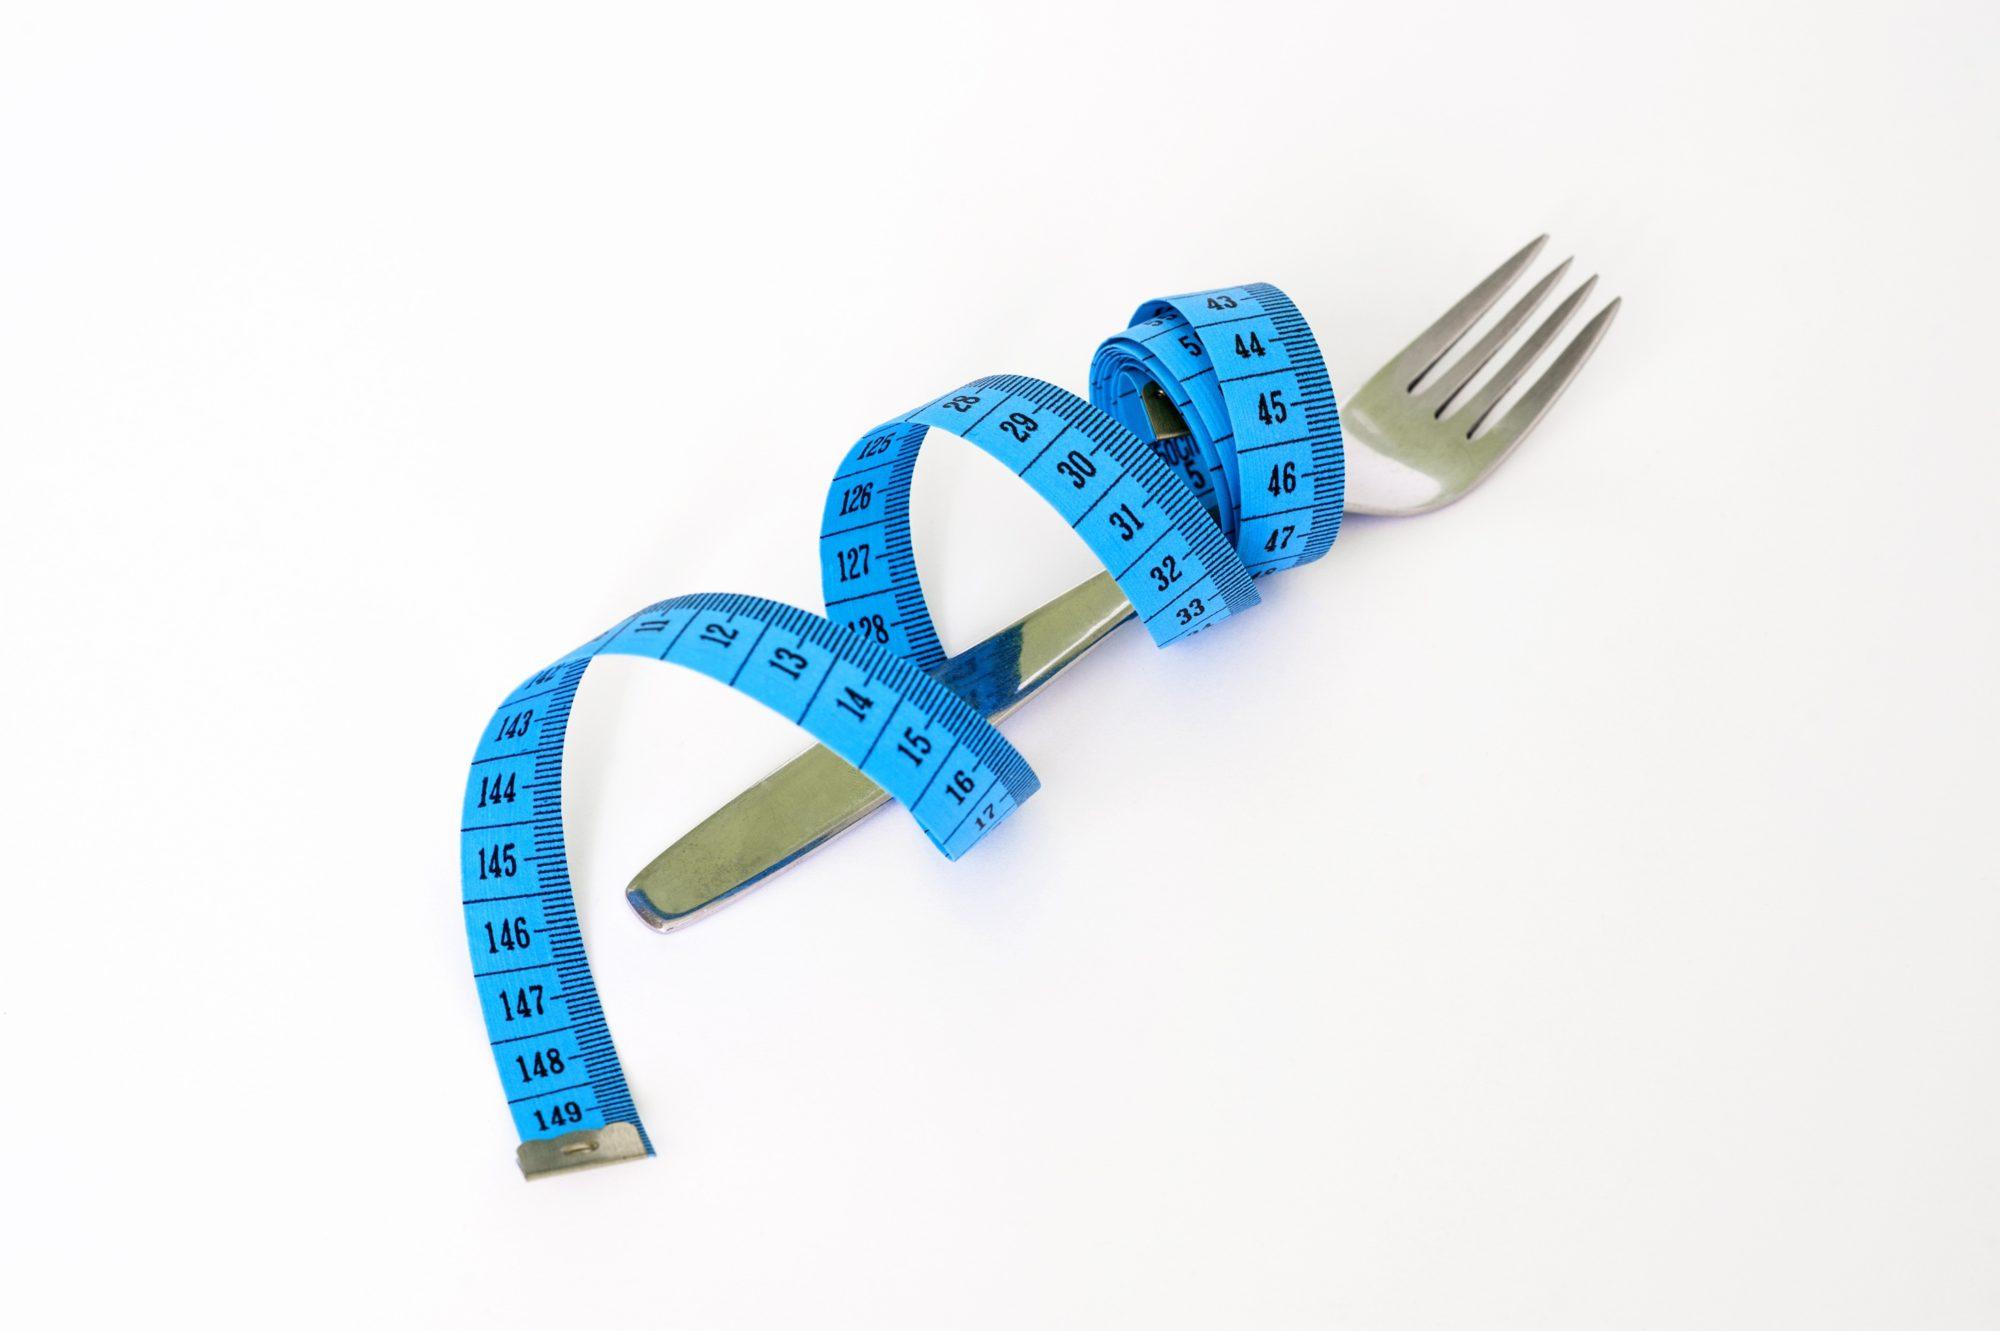 Modi efficaci per dimagrire: la Top 5 per perdere peso